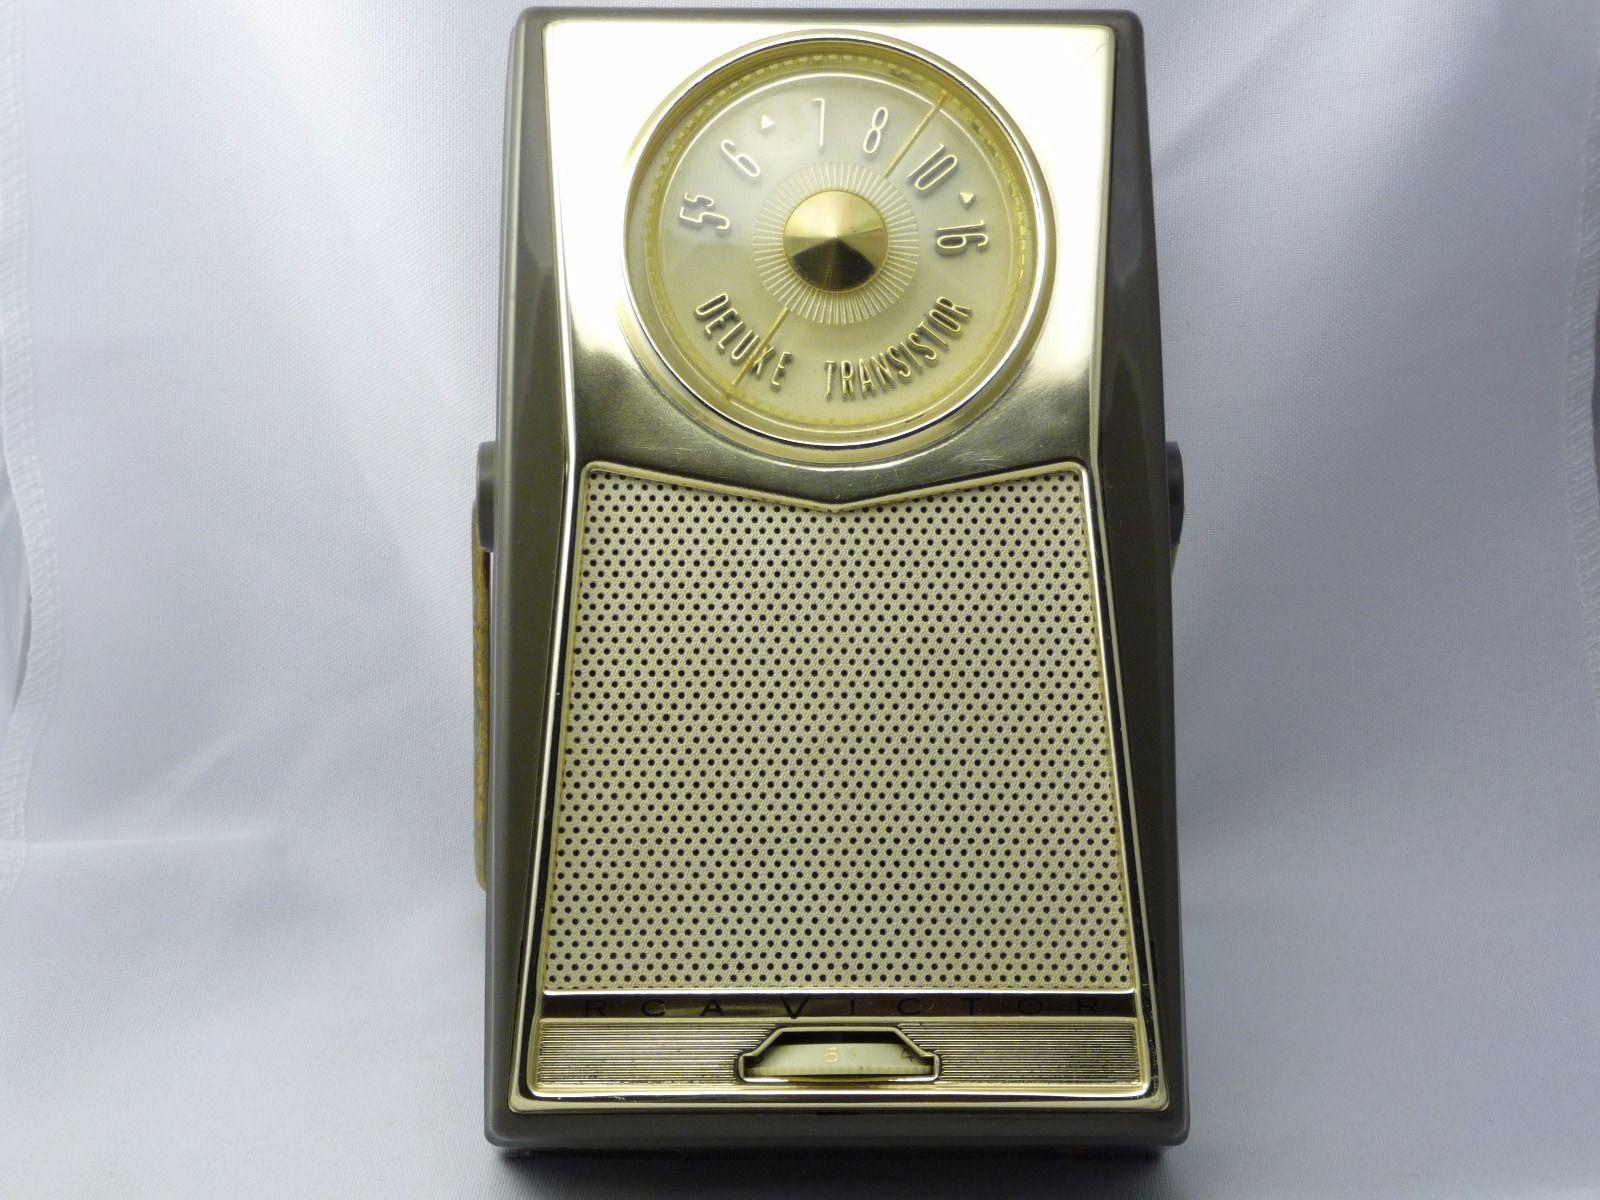 100+ Rca Transistor Radio 1959 – yasminroohi